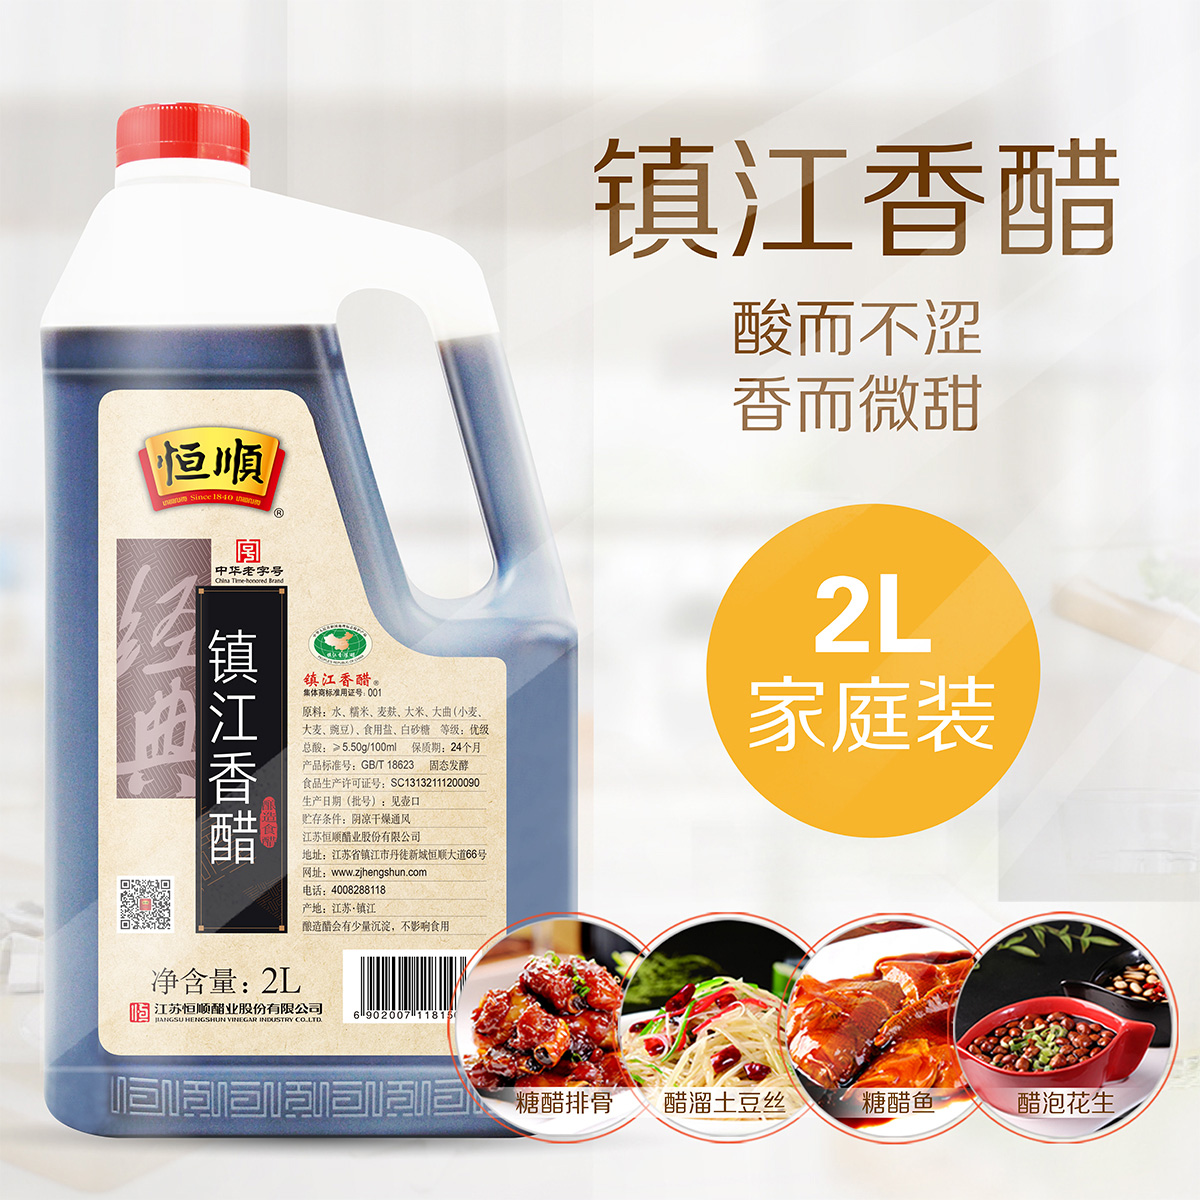 恒顺香醋镇江香醋2000ml 特产蘸食饺子酿造陈醋食醋